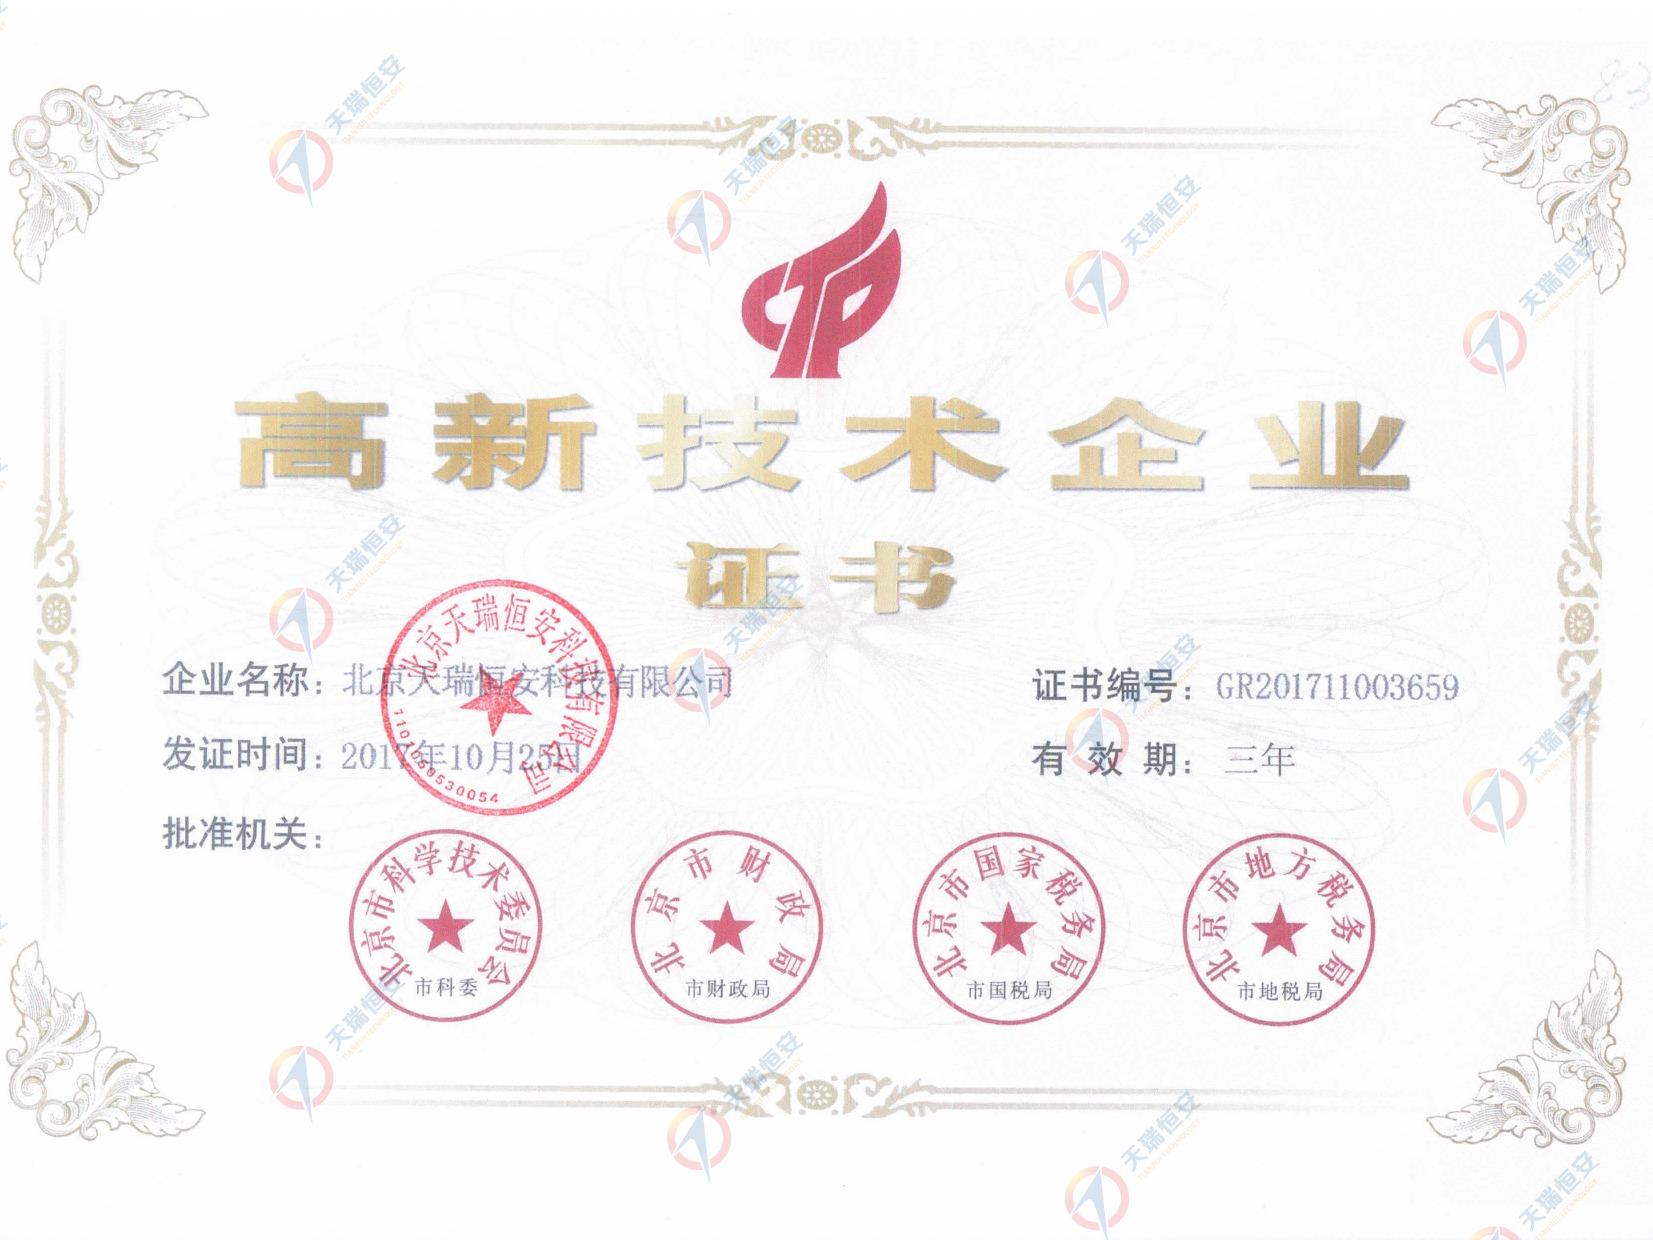 【北京天瑞恒安】荣获国家高新技术企业认定